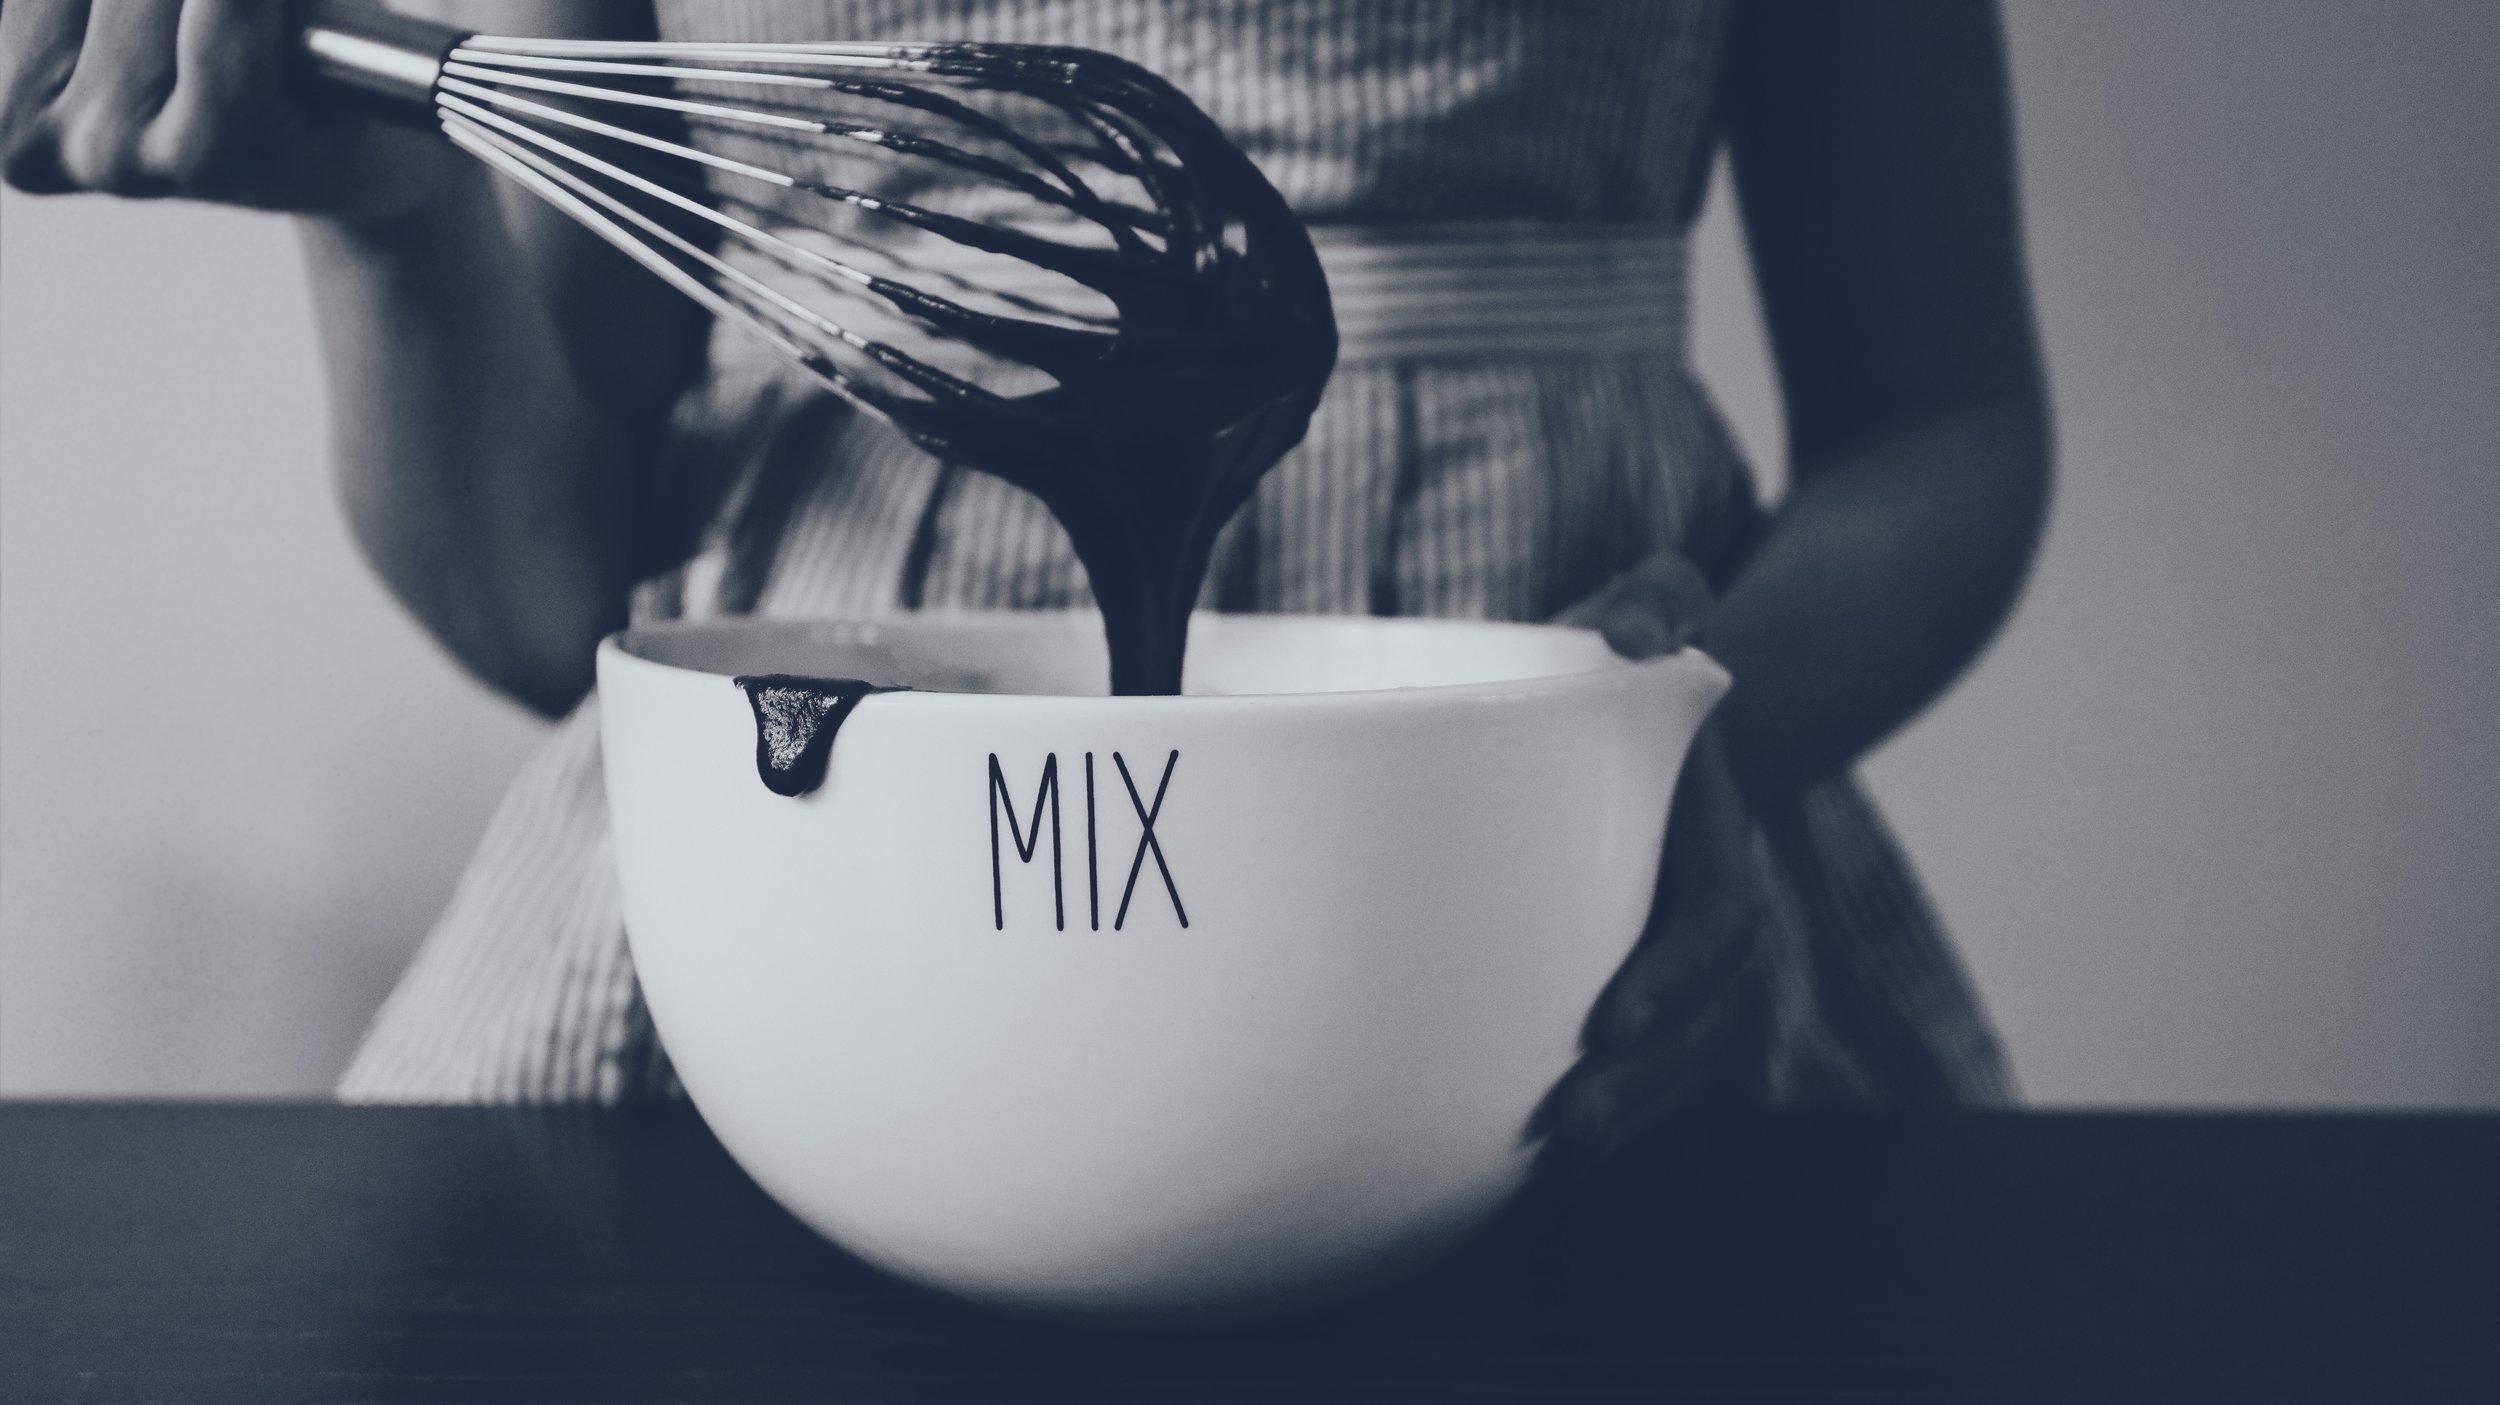 RECIPE DEVELOPMENT  deliciousness awaits.